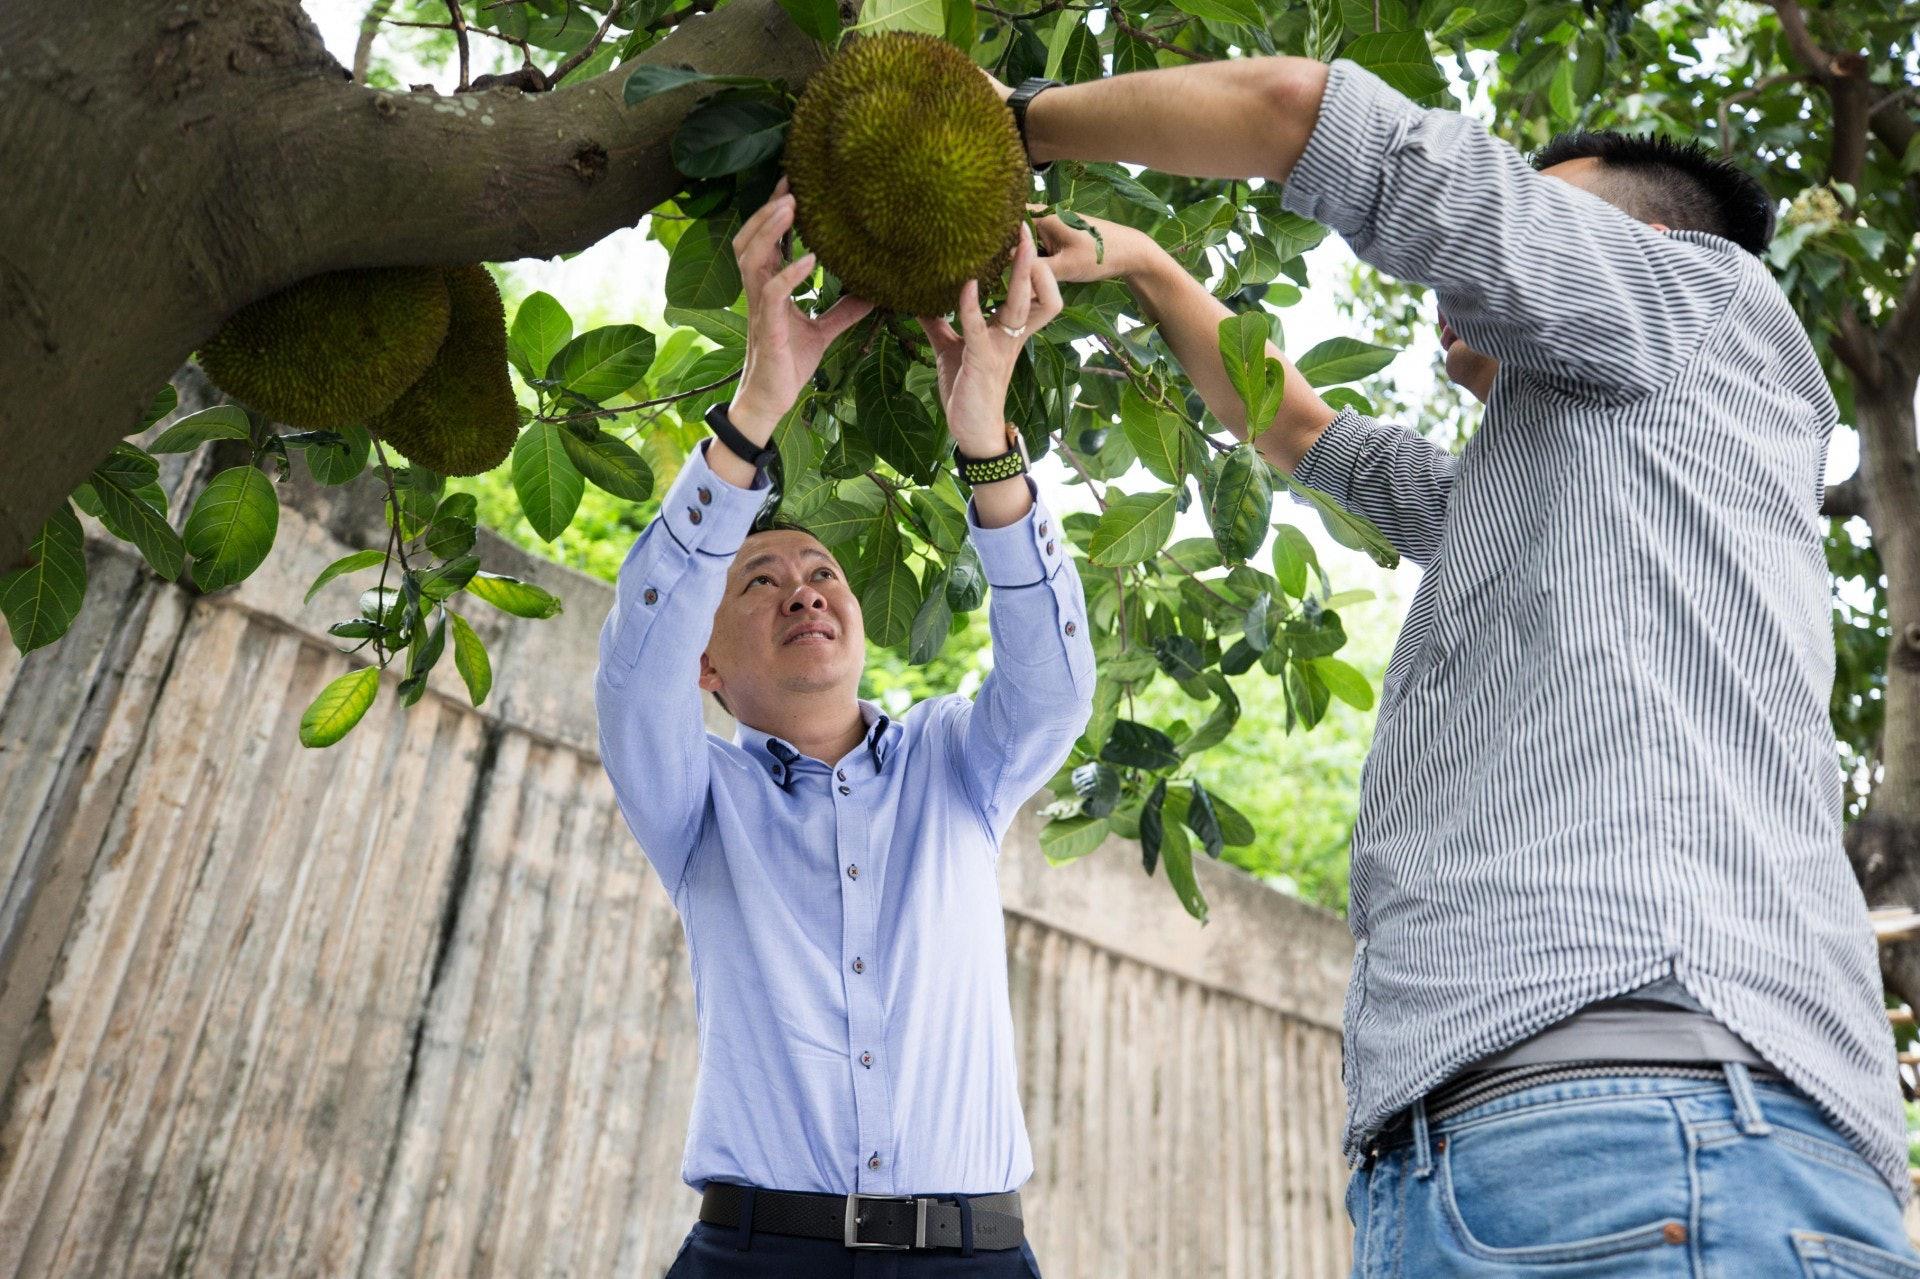 校內的大樹菠蘿成熟,兩位校長徒手摘下。(梁鵬威攝)